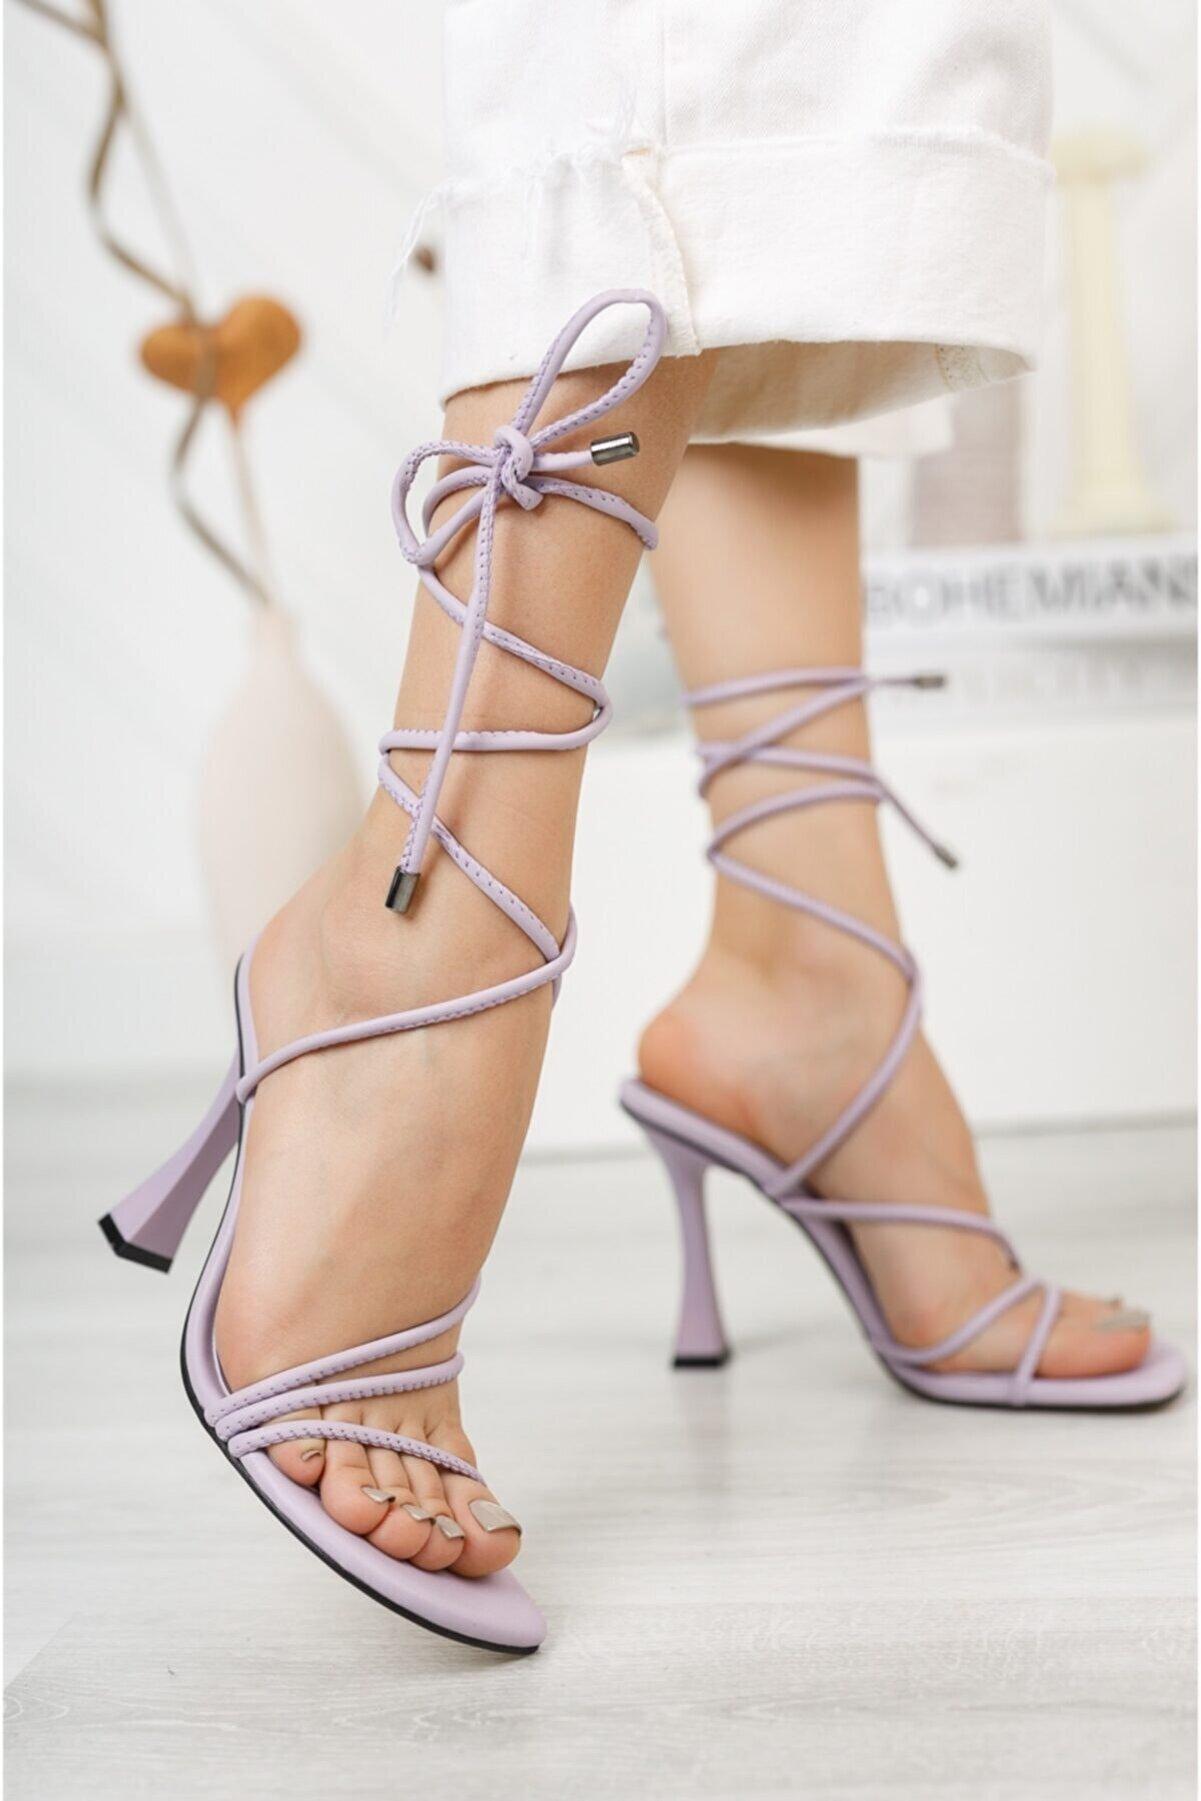 Favi Kadın Lila Bilekten Bağlama Yüksek Topuklu Ayakkabı